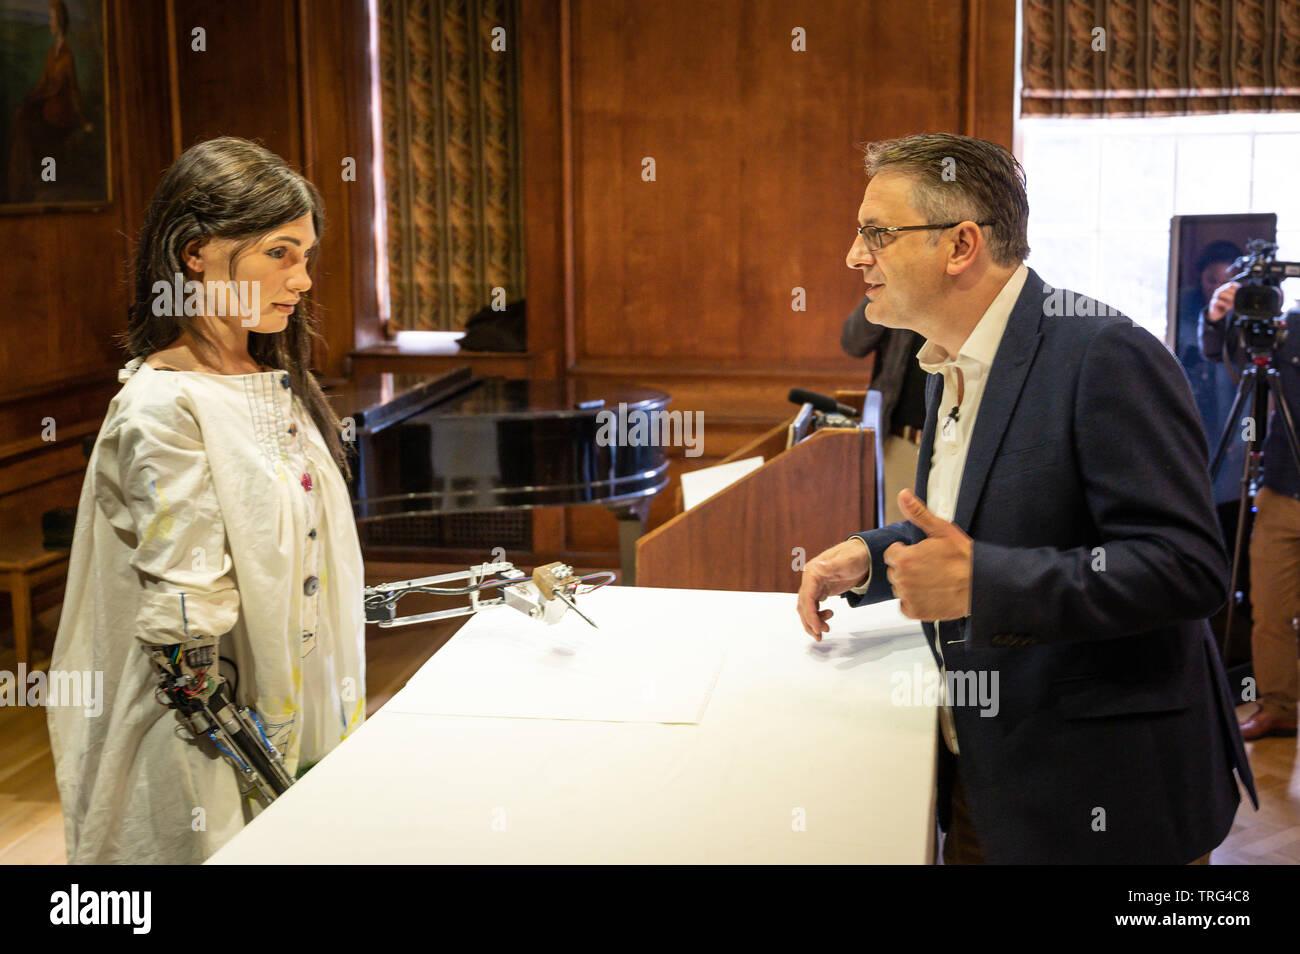 Oxford, UK. 5 juin, 2019. Le premier artiste robotique est dévoilé à Lady Margaret Hall, à Oxford. Le robot, appelé Ai-Da après Ada Lovelace qui a été la première femme programmeur informatique, l'invention d'Aidan Meller (en photo avec Ai-Da) qui gère les galeries à Londres et Oxford. L'IA utilise des algorithmes personnalisés pour analyser les visages humains et d'autres scènes et créer des pièces artistiques fondées sur ces derniers. Le croquis au crayon que le robot crée sont alors transformées en peintures complète par l'application de peinture par les assistants. Crédit: Andrew Walmsley/Alamy Live News Photo Stock